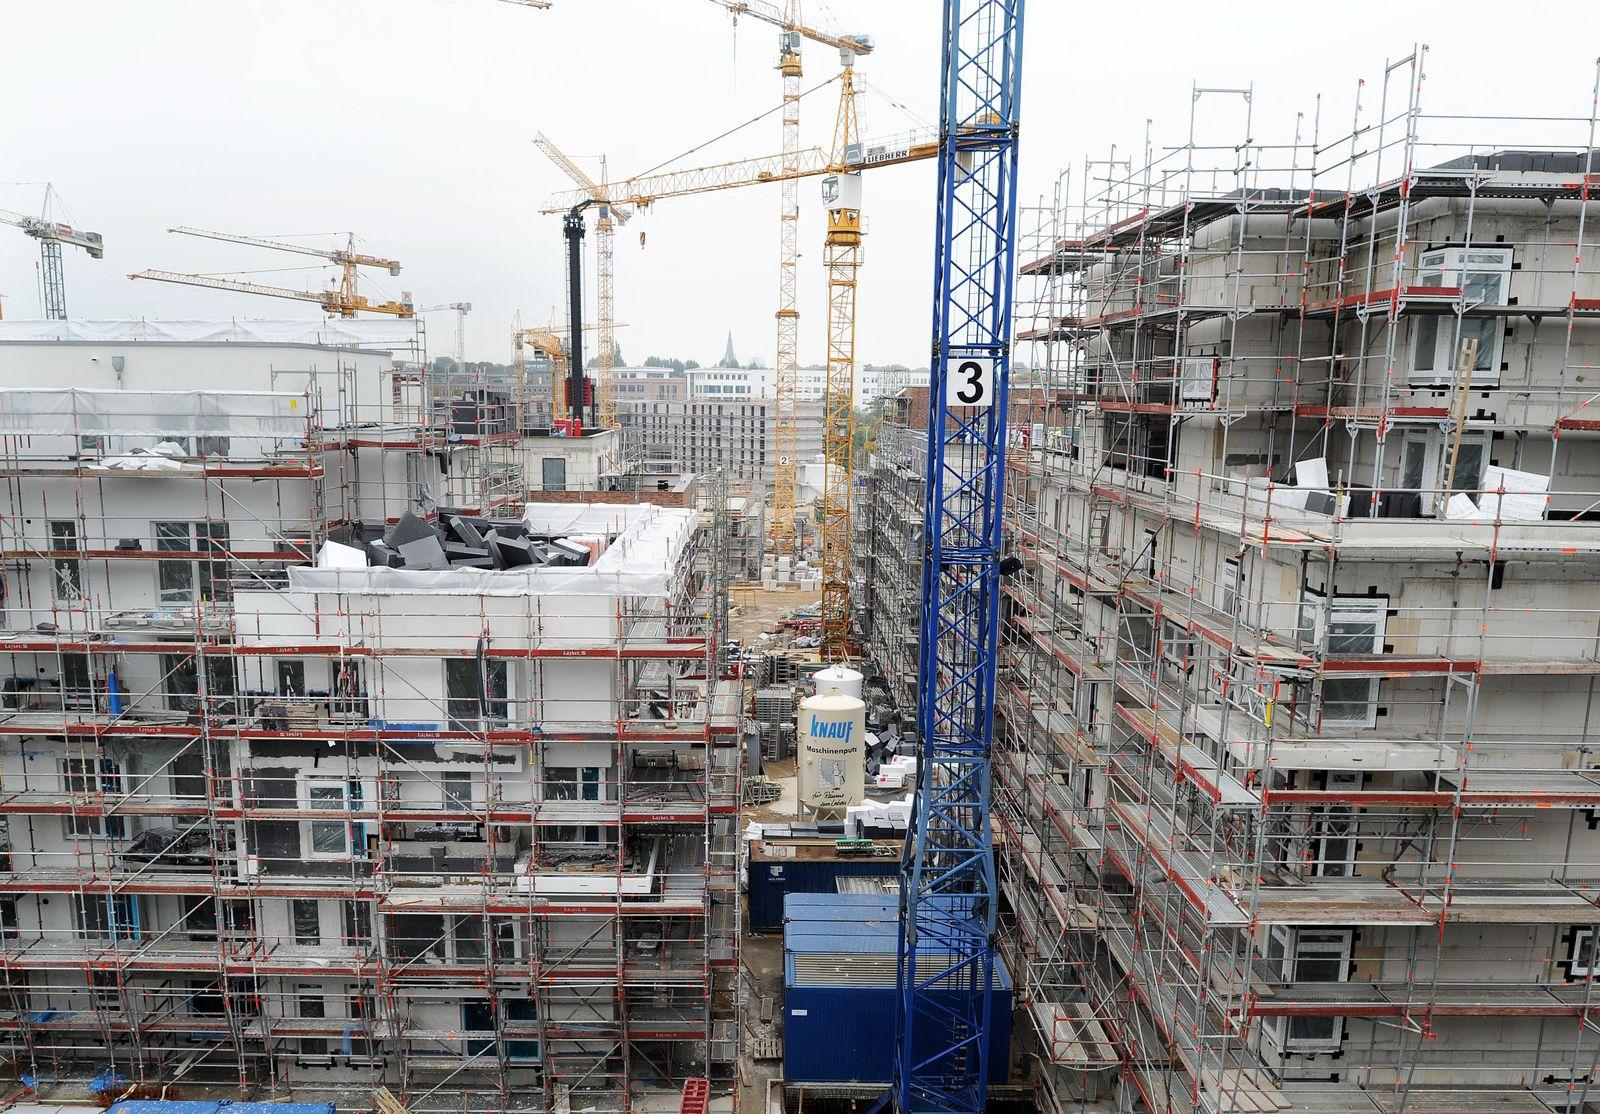 Immobilien / Immobilienmarkt / Wohnungsbau in Hamburg